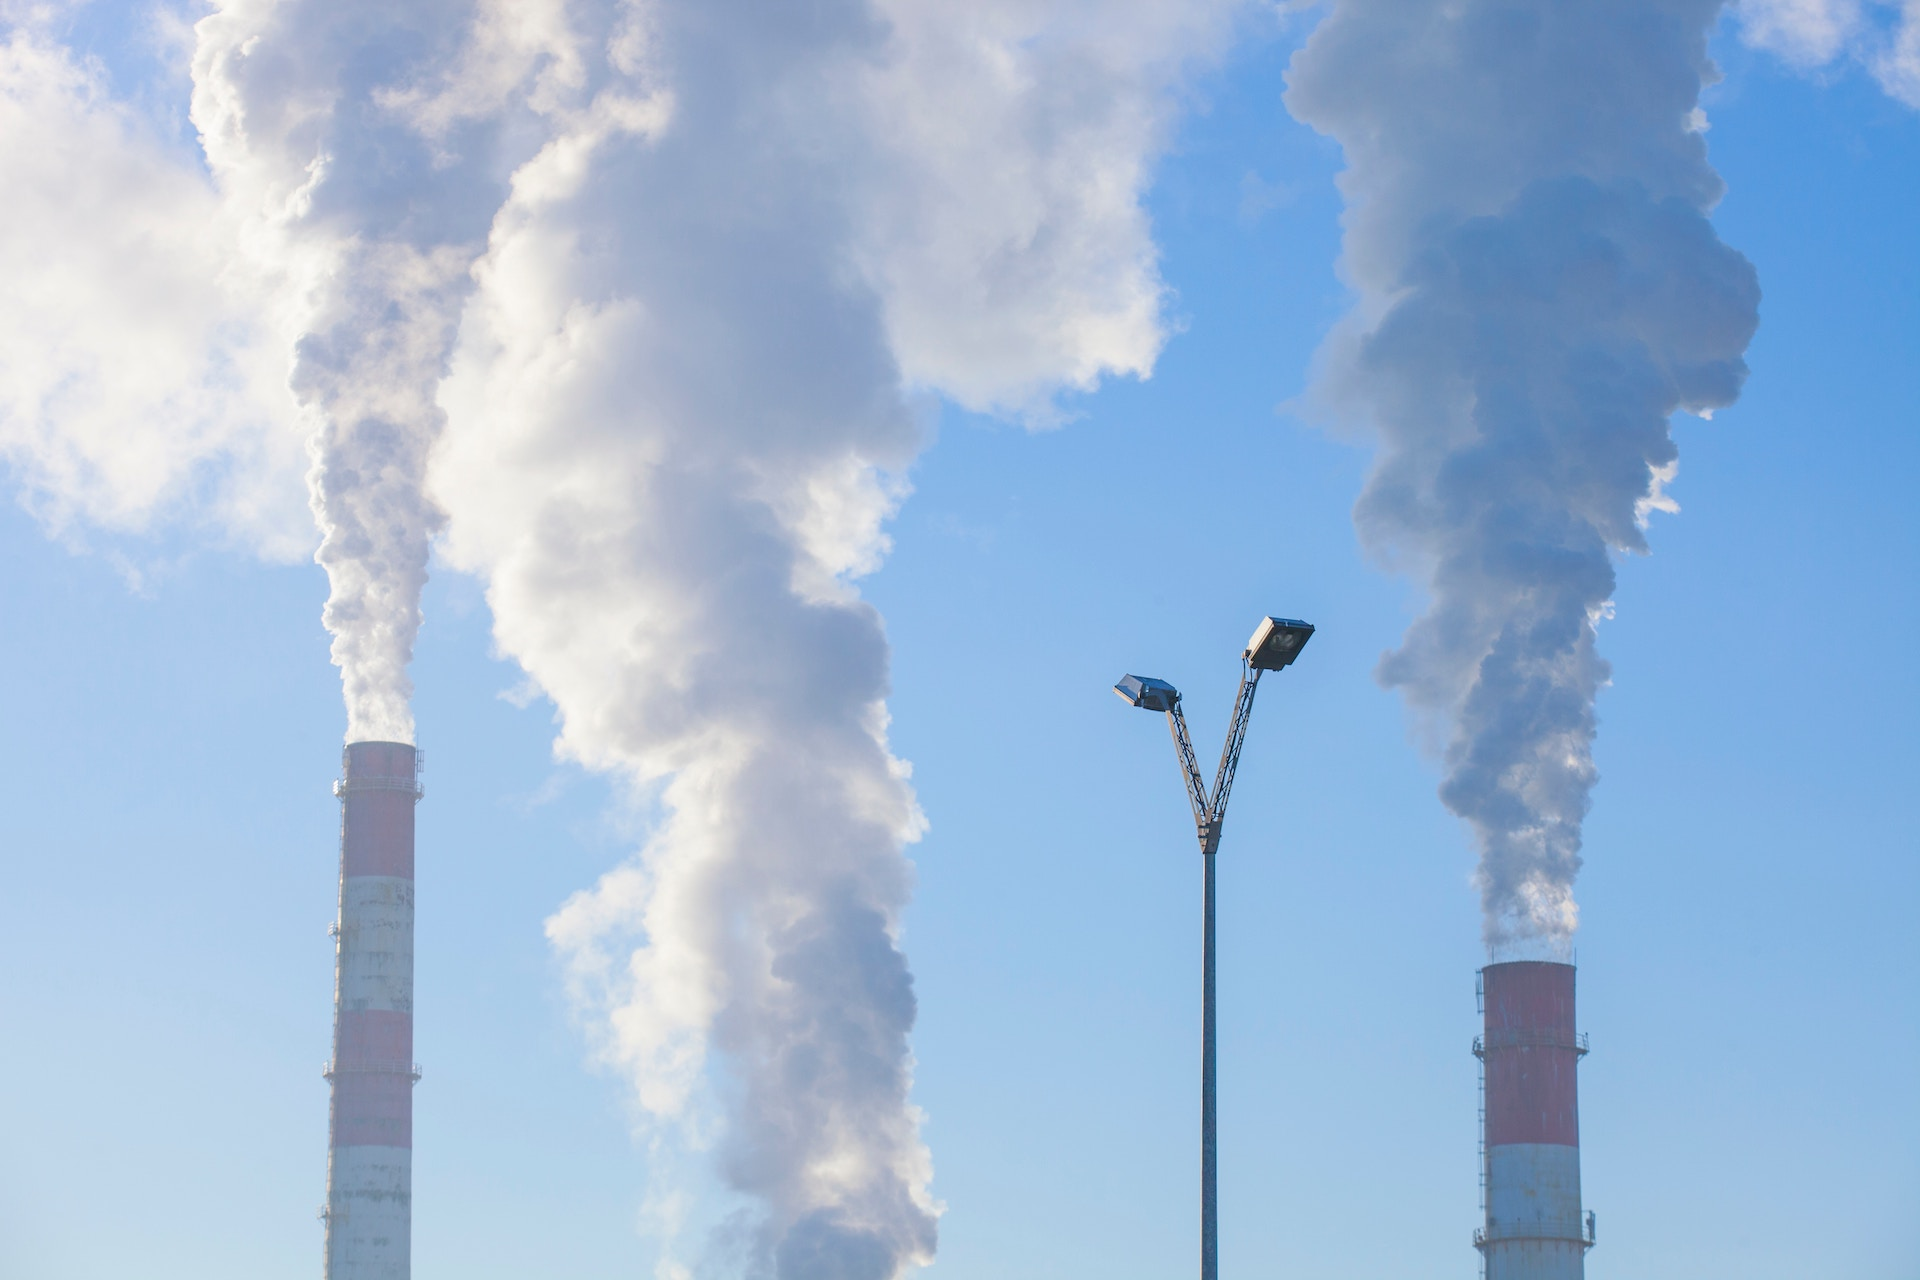 Réchauffement climatique: Où en est-on ?